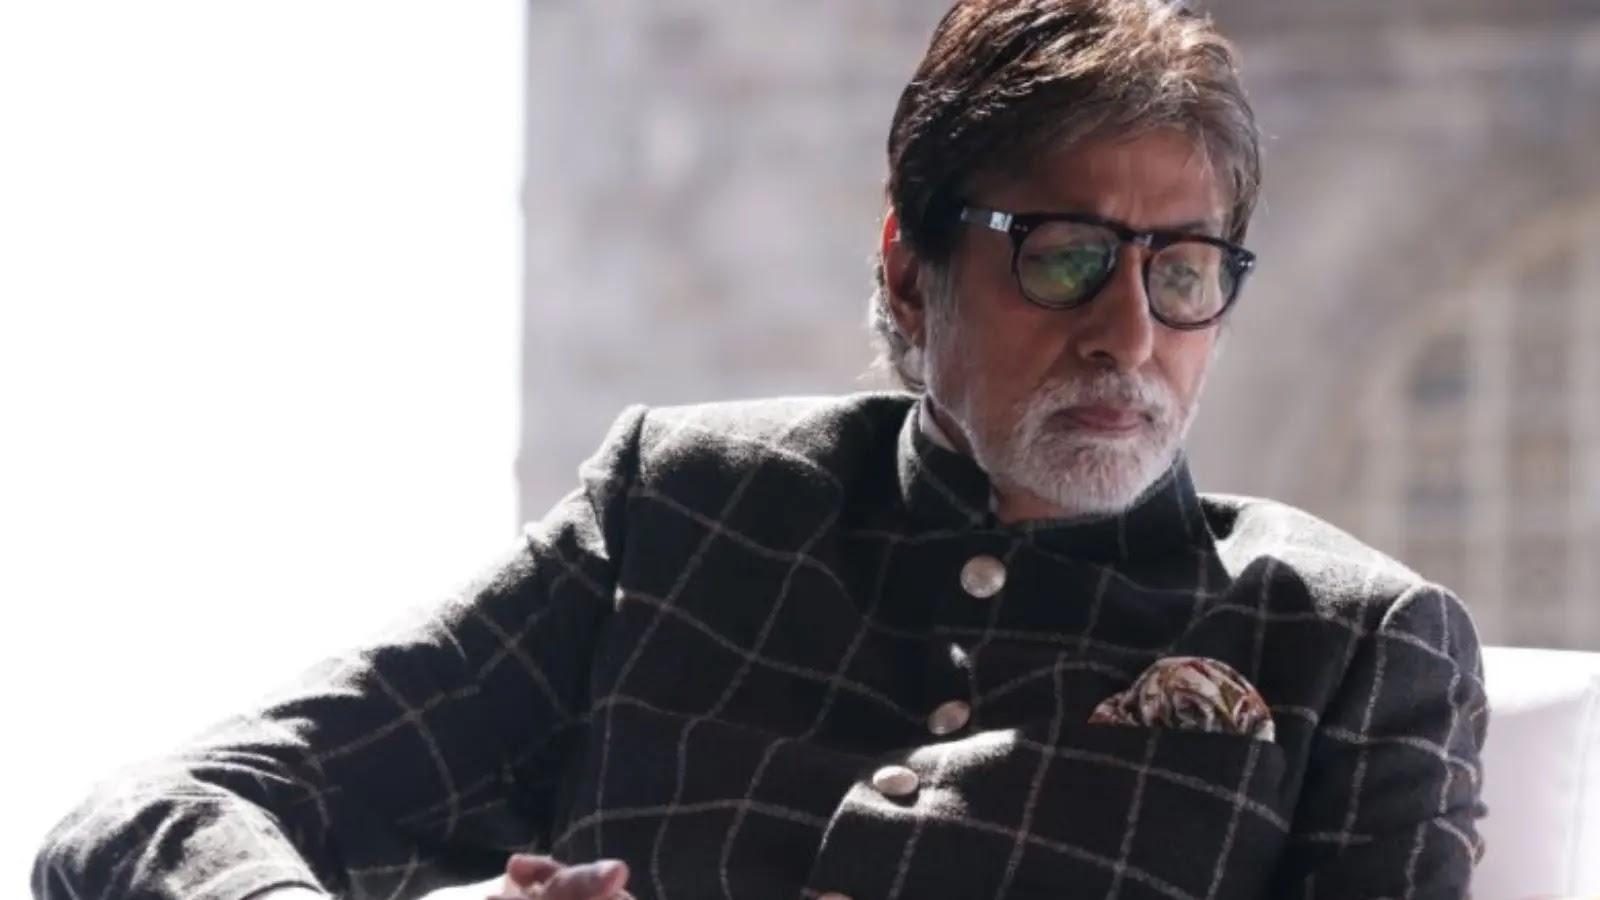 अमिताभ बच्चन ने ब्लॉग पर चैरिटी लिस्ट डाल कर किया ट्रोल्स की बोलती बंद